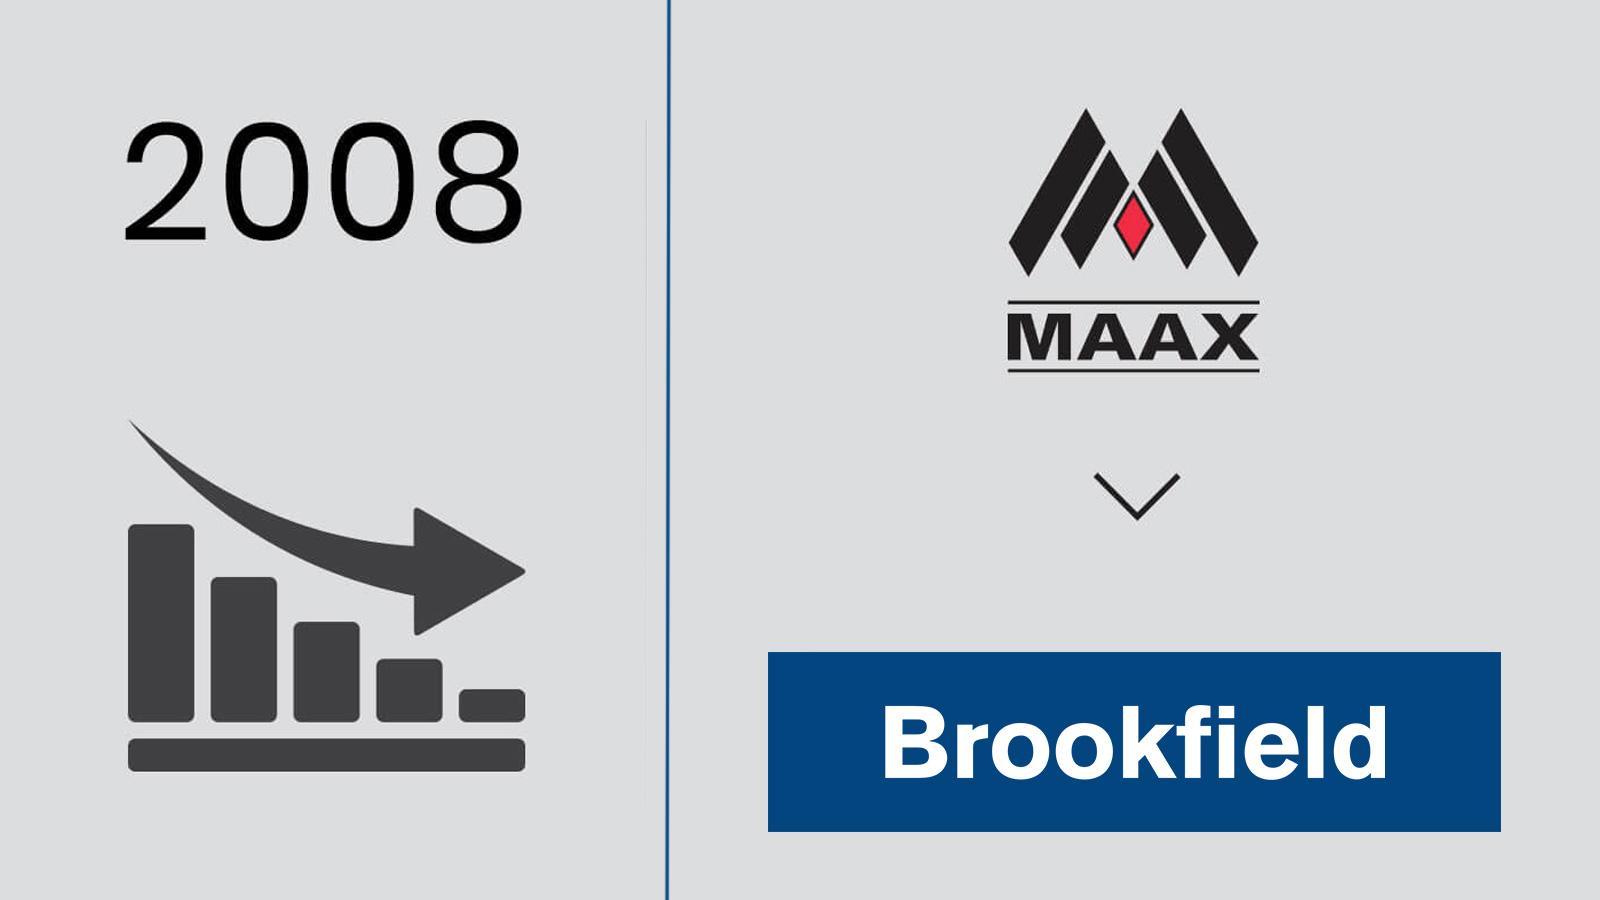 MAAX History 2008